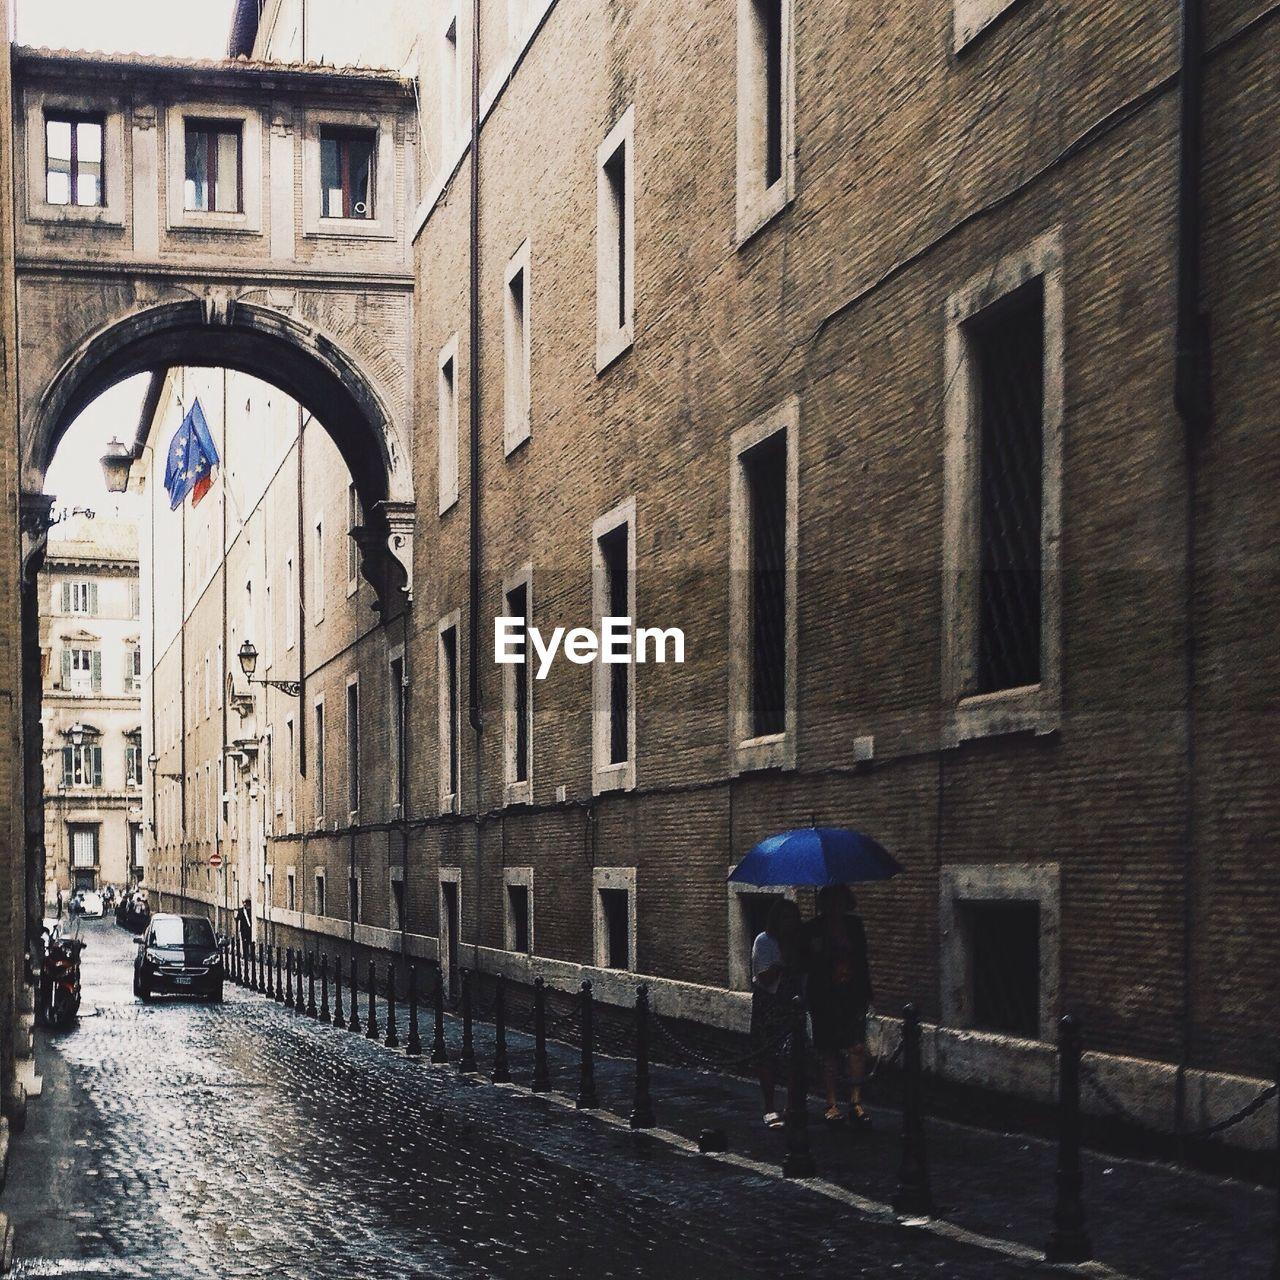 Couple Holding Umbrella While Walking On Sidewalk